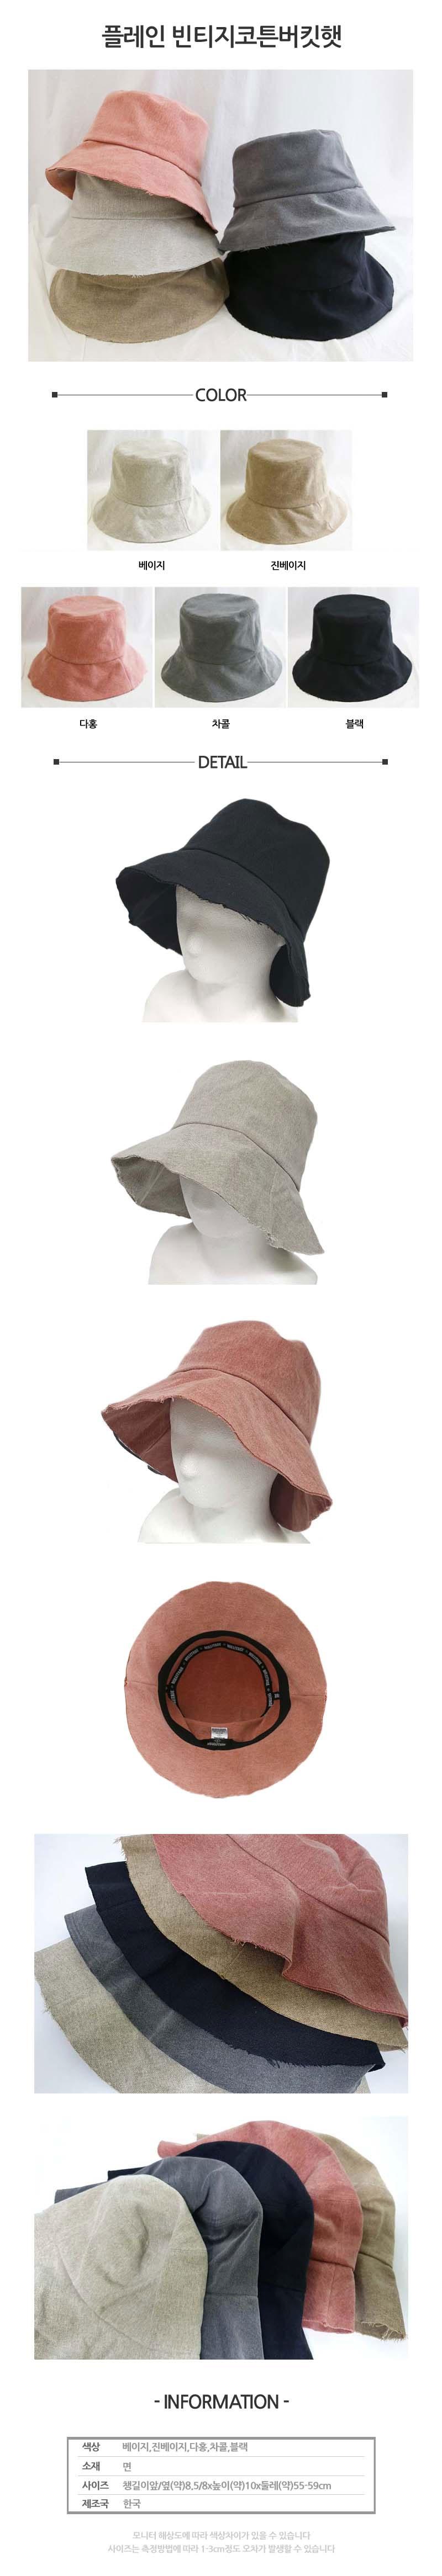 플레인 빈티지코튼 벙거지모자CH1489654 - 익스트리모, 21,160원, 모자, 버킷햇